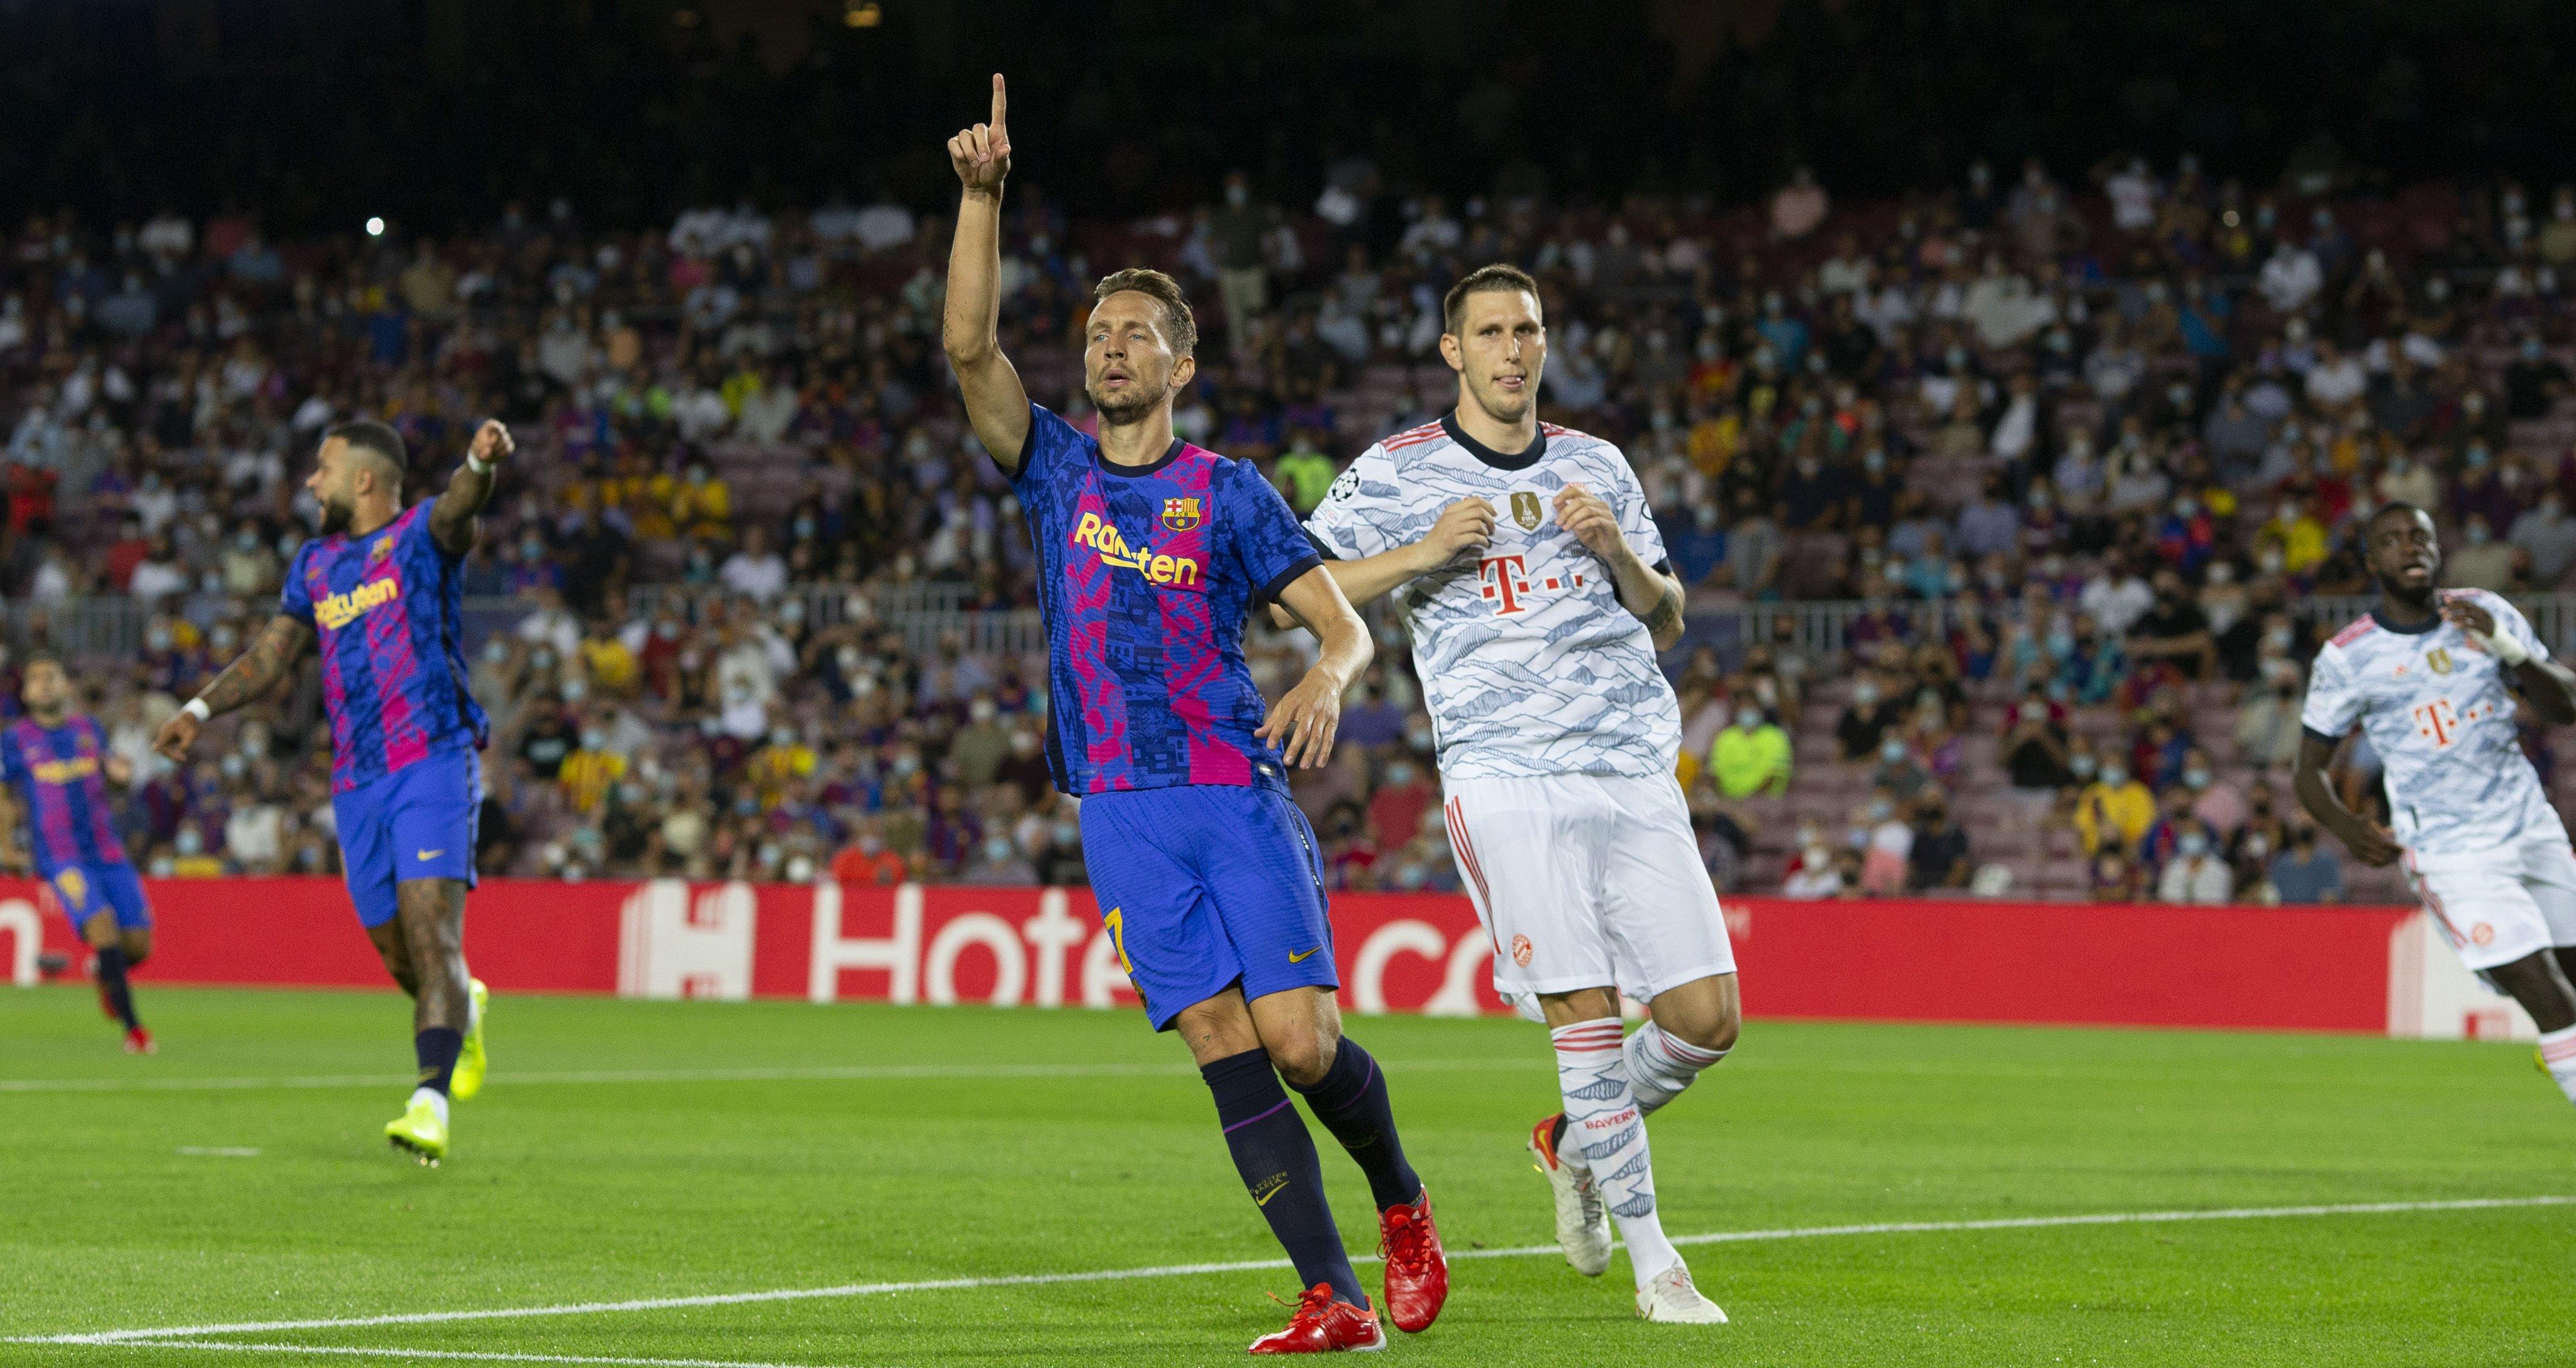 لوك دى يونج فى ظهوره الأول مع برشلونة